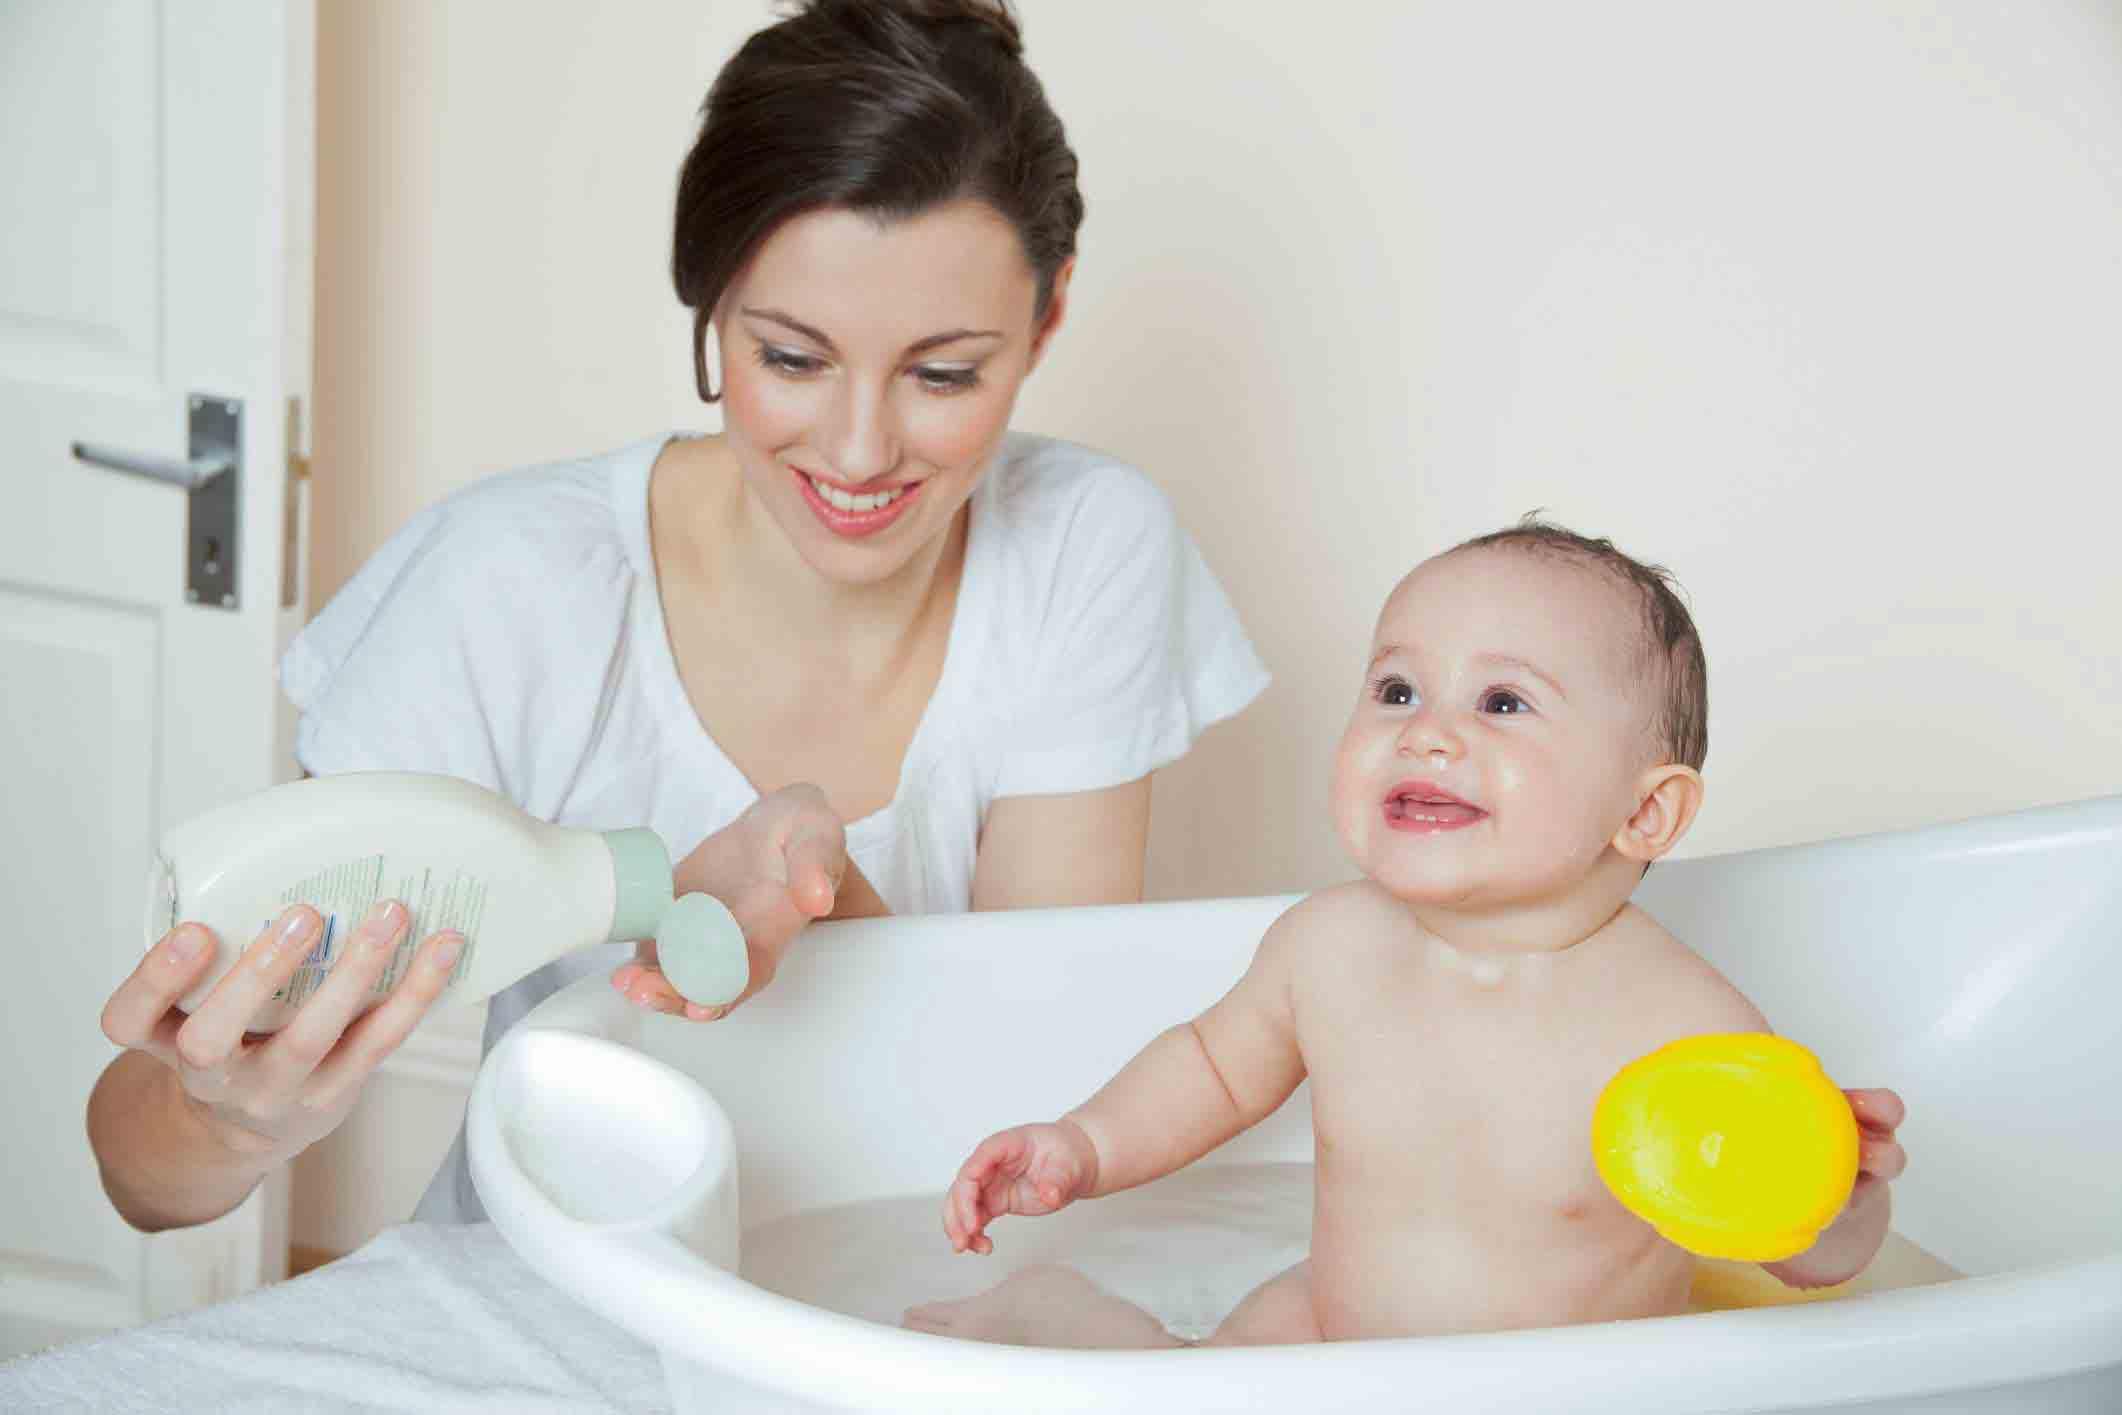 حمام نوزادان | مرکز خدمات پرستاری پارسیان مهرپرور